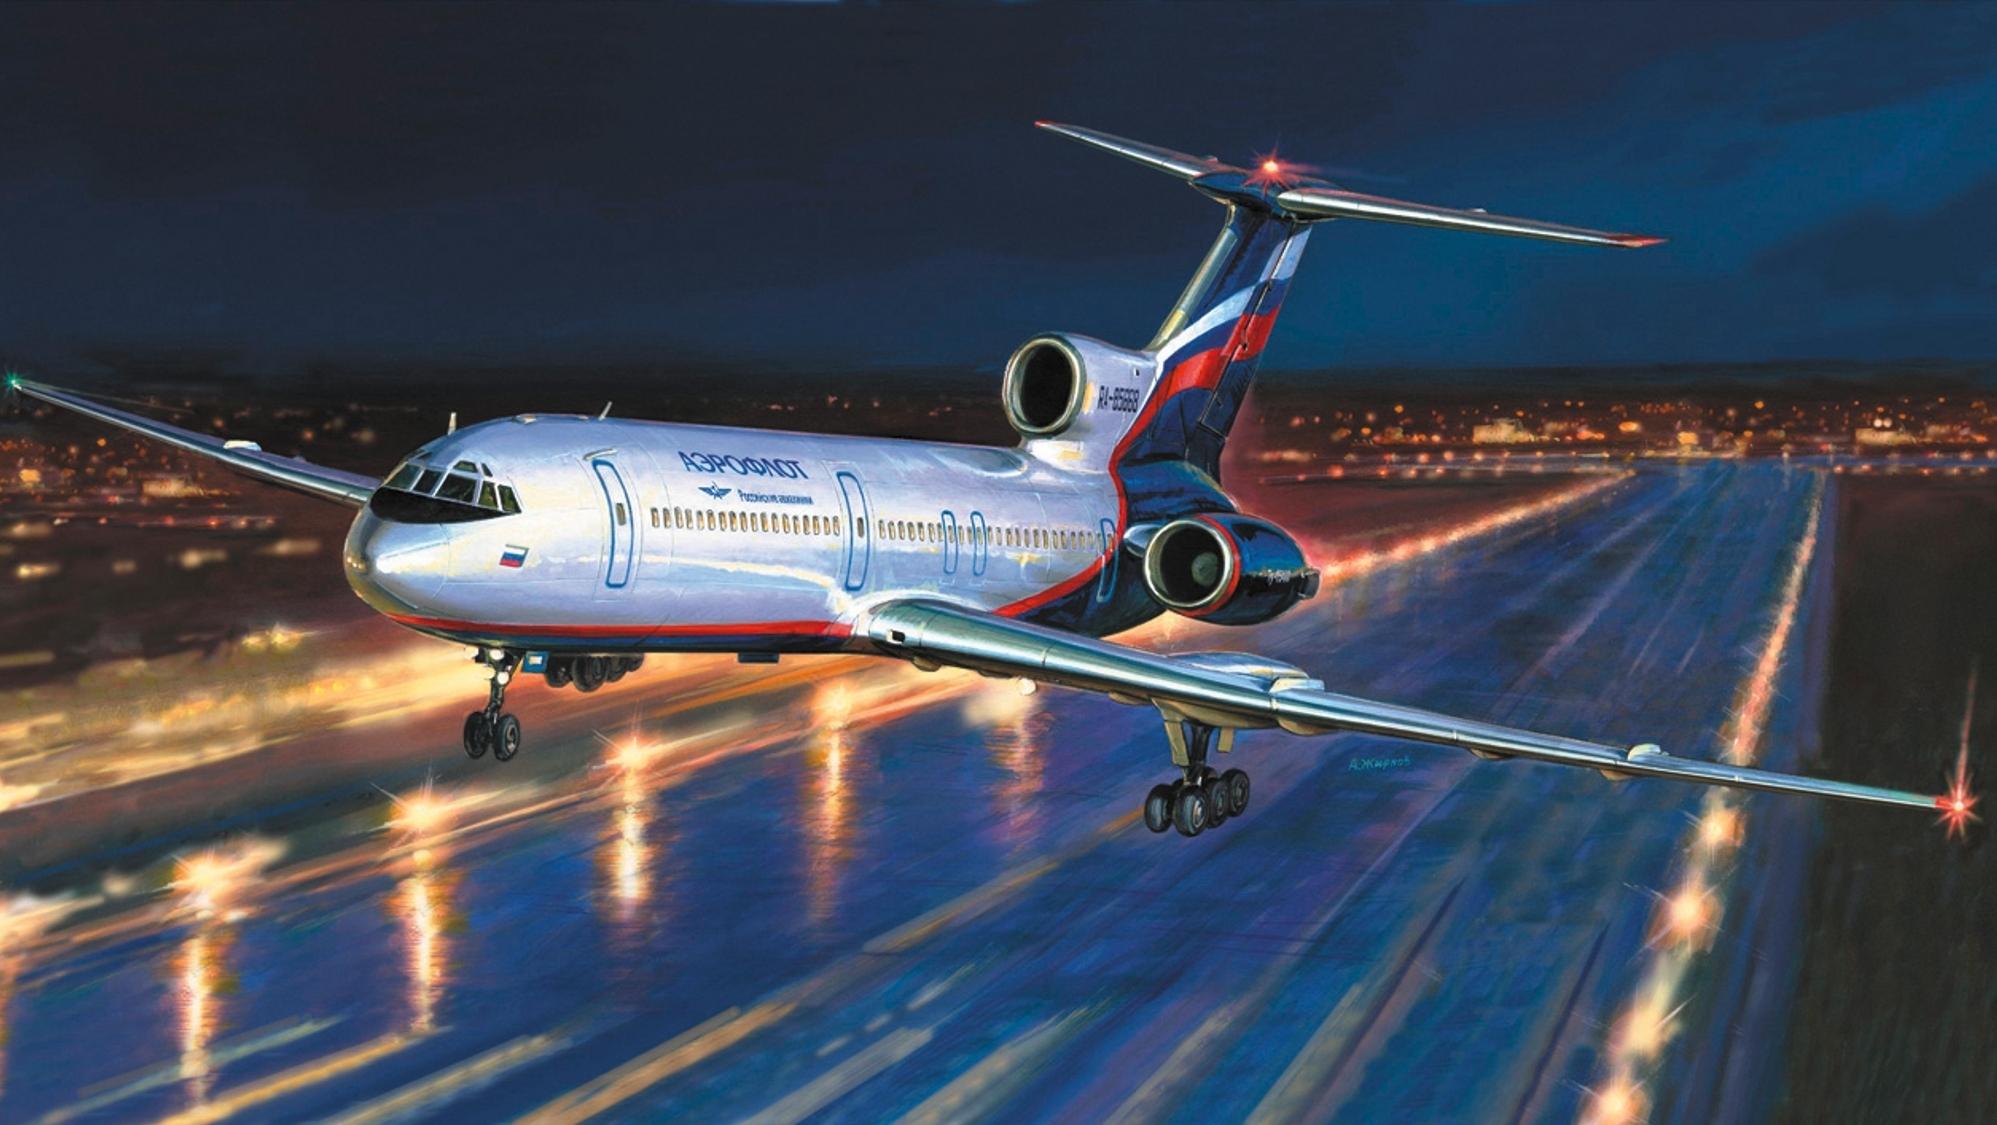 картинки про авиацию пассажирских самолетов что